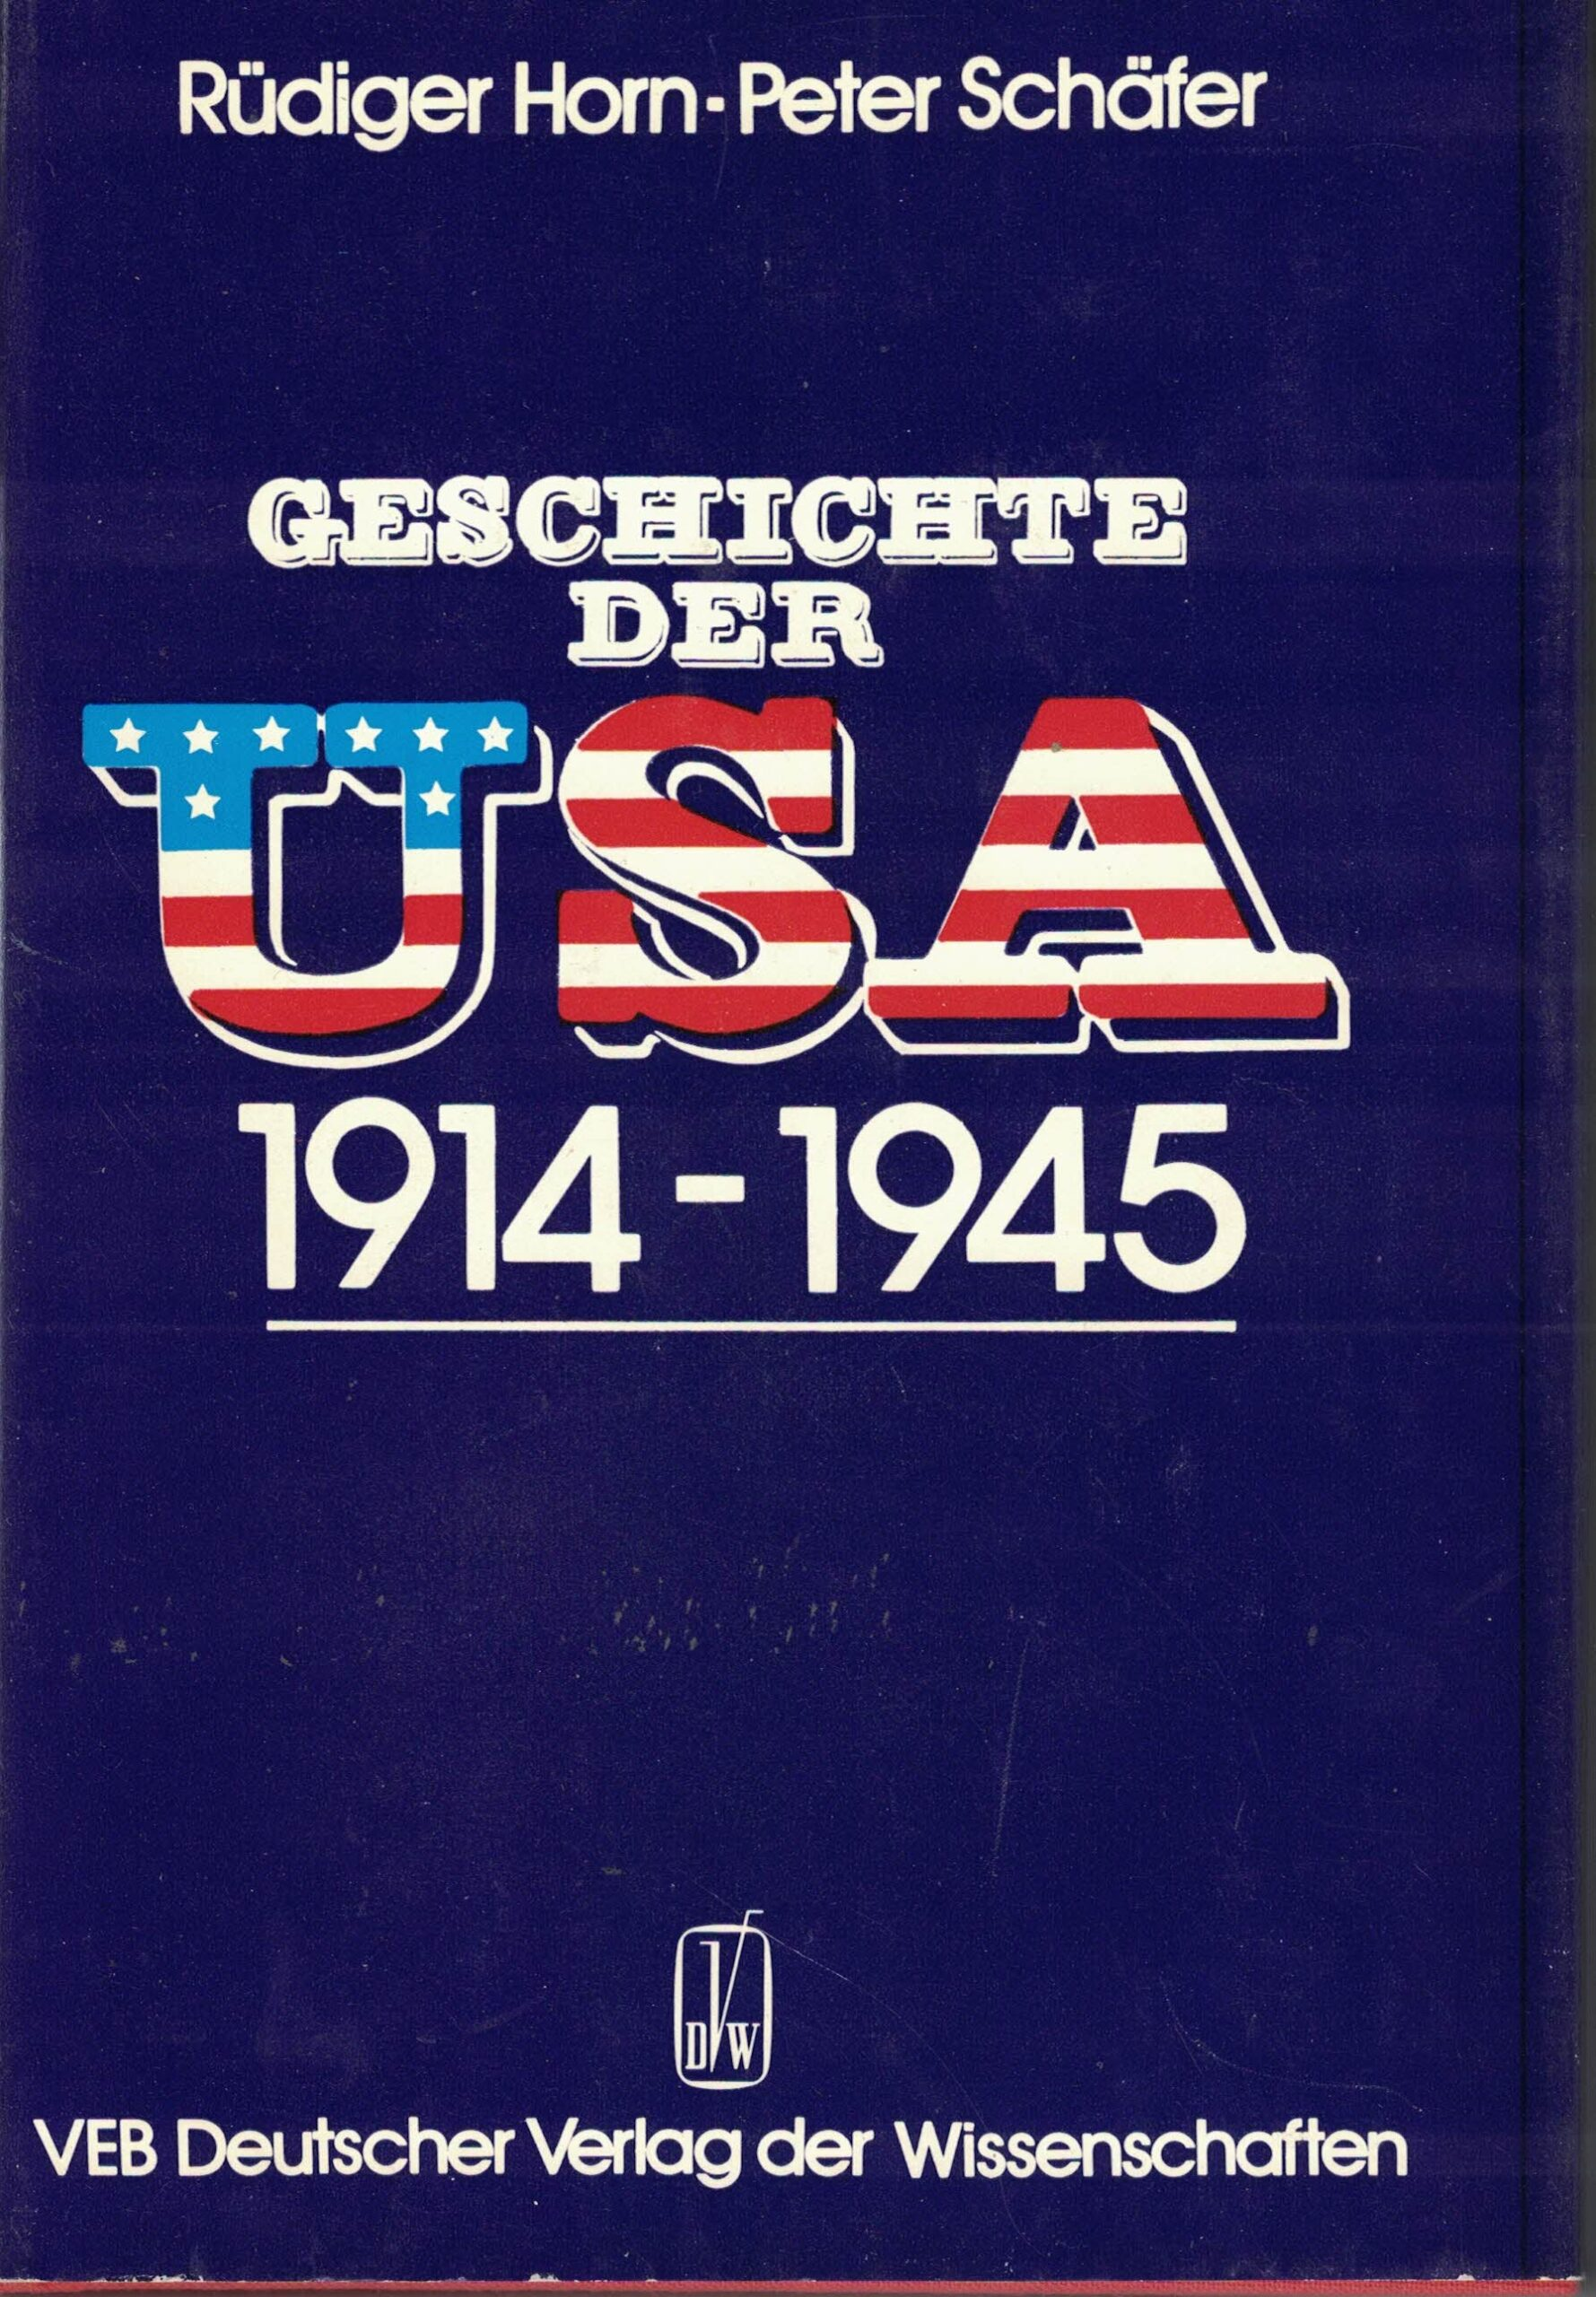 Horn/Schäfer - Geschichte der USA 1914 - 1945